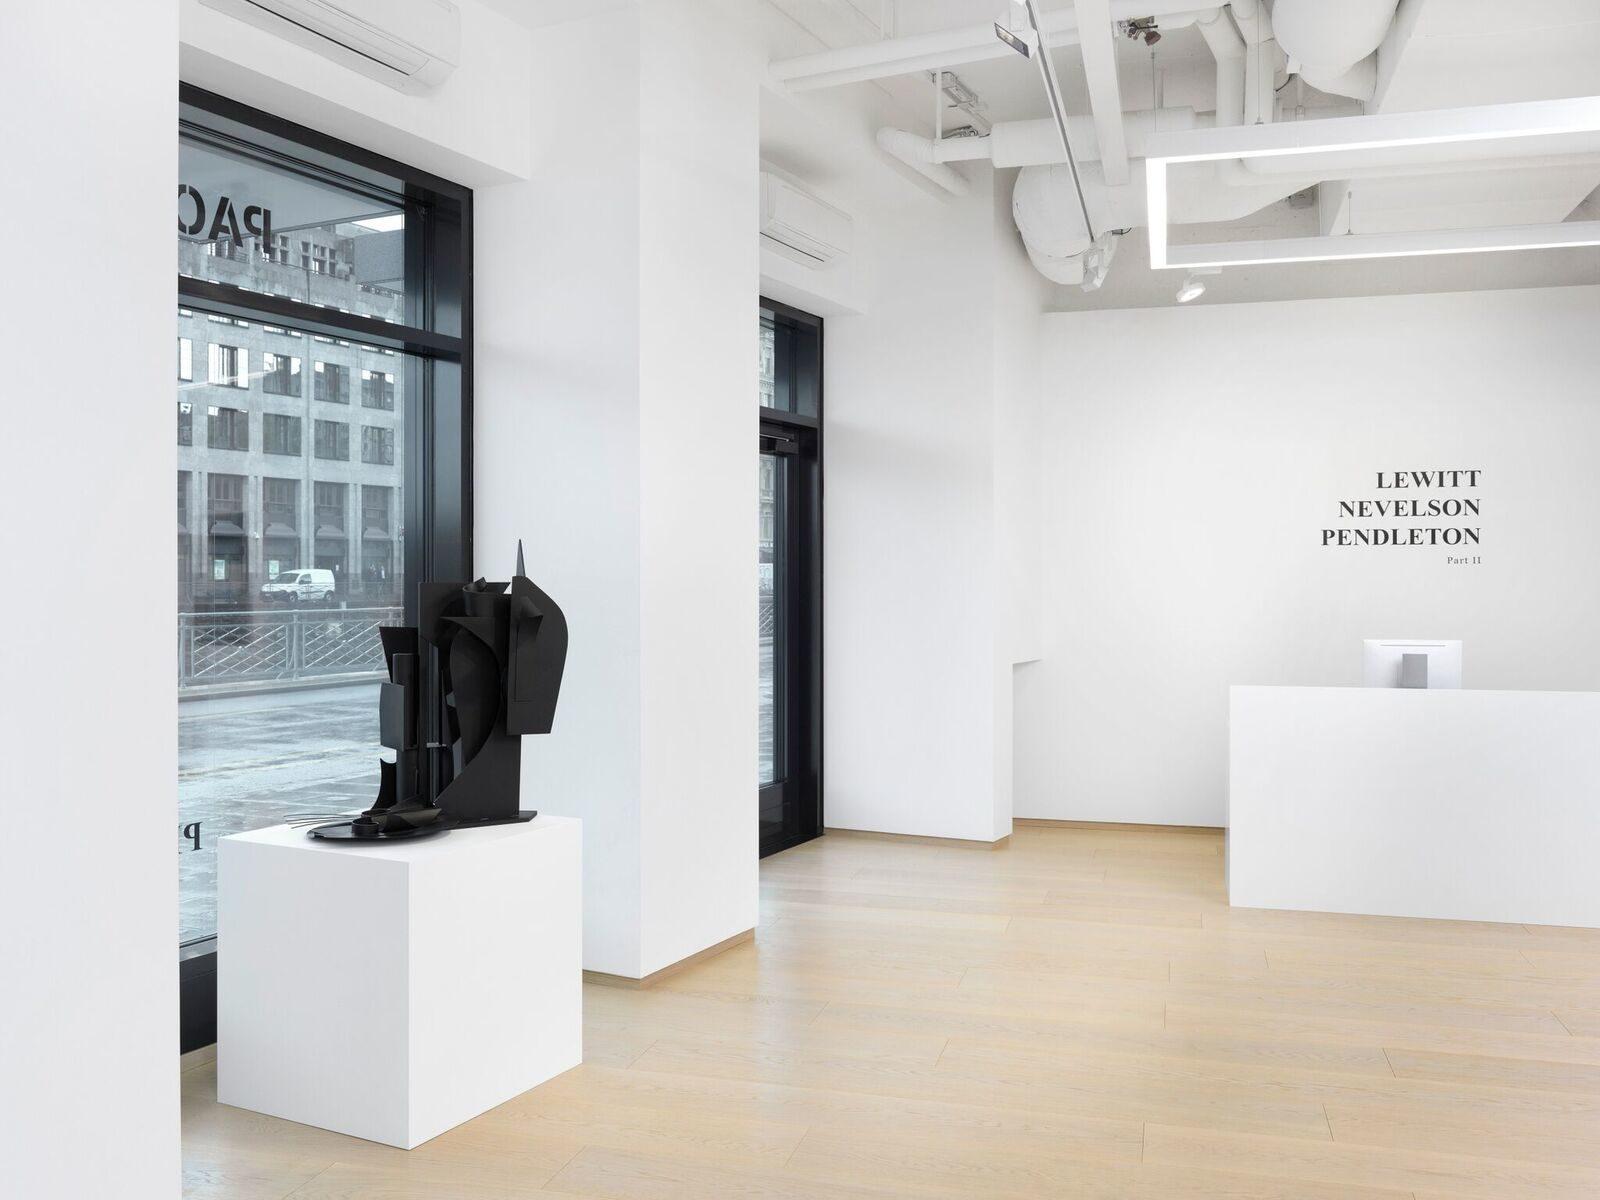 (c)PACE Gallery, Après New York, Séoul, Hong-Kong, Pékin, Londres et Palo Alto, c'est dans la Cité de Calvin que la galerie américaine Pace a décidé de poser ses valises. Pour son neuvième espace d'exposition, ouvert depuis le mois de mars, Pace a investi une arcade de plus de 300m2 au Quai des Bergues. Spécialisée en art moderne et contemporain, la galerie désire établir une présence permanente sur le territoire helvétique. Les liens avec les communautés culturelles suisses et européennes, qui ont jusqu'à maintenant joué un rôle central dans le travail et l'expansion de Pace, sont ainsi renforcés et pérennisés. Pour la première exposition à Genève, les travaux de Sol LeWitt (1928-2007), Louise Nevelson (1899-1988) et Adam Pendleton (1984) ont été montrés. Prolongée, l'exposition a été (ré)intitulée LeWitt, Nevelson, Pendleton PART II, et de nouvelles pièces sont venues rafraîchir l'ensemble. A visiter jusqu'au 13 juillet, par eleonora del duca, go out magazine